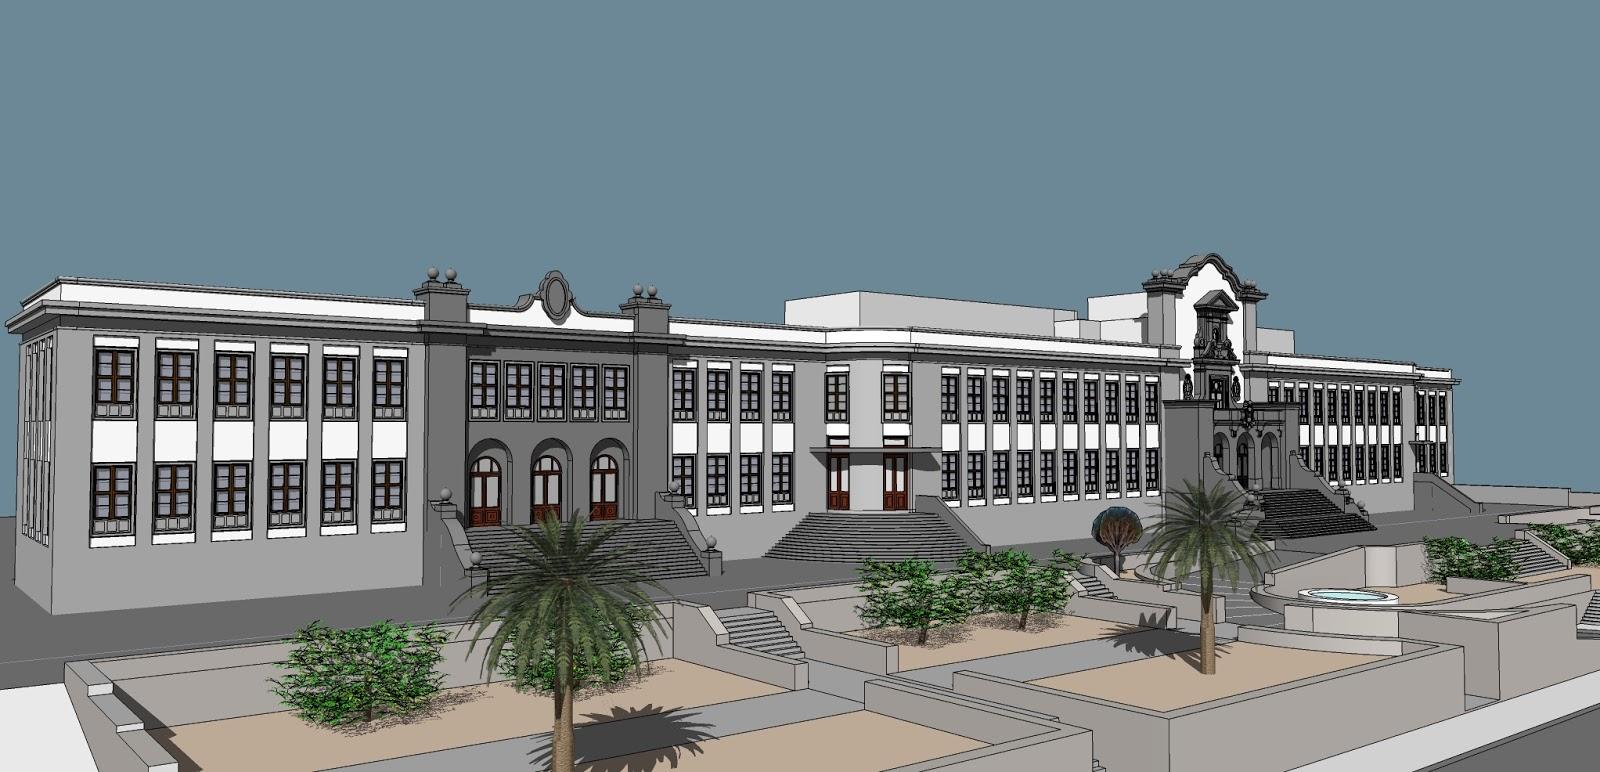 Arquitectura hist rica en tenerife espa a universidad for Universidades de arquitectura en espana